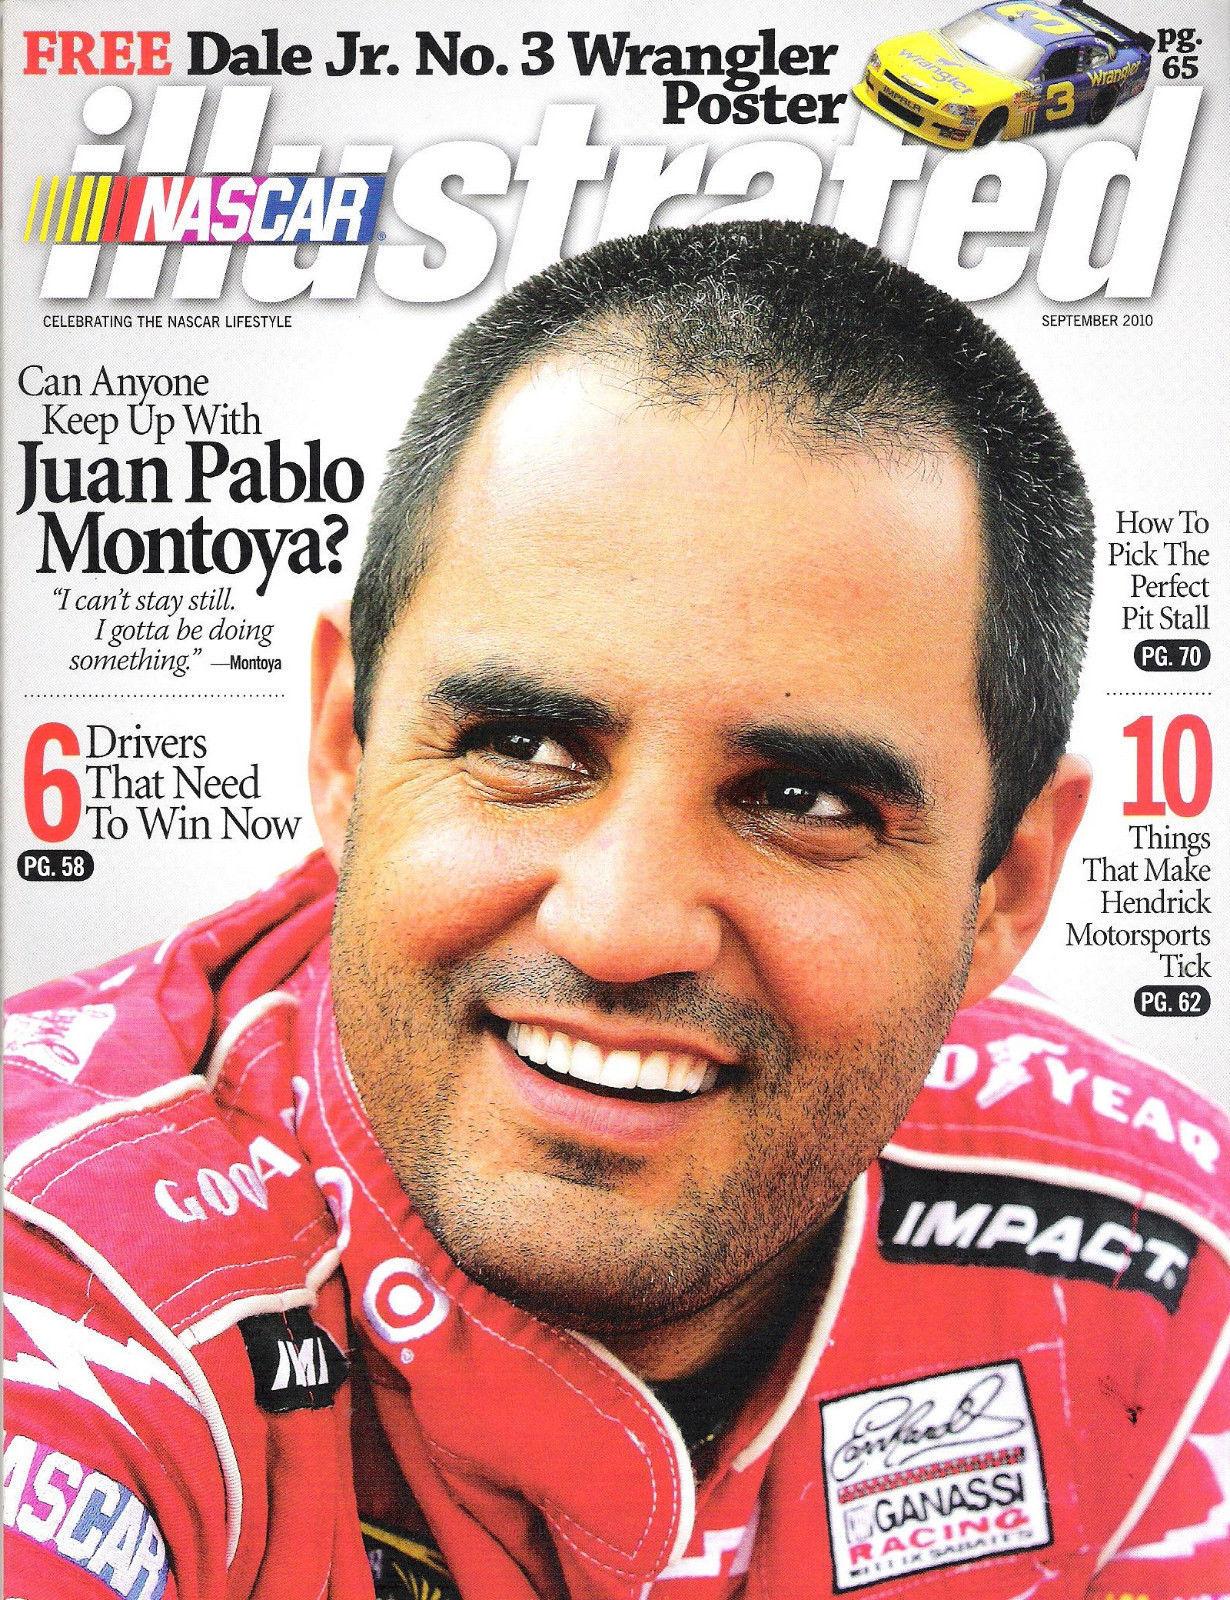 JUAN PABLO MONTOYA 42 NASCAR ILLUSTRATED SEPT 2010 DALE JR NO 3 POSTER INTACT